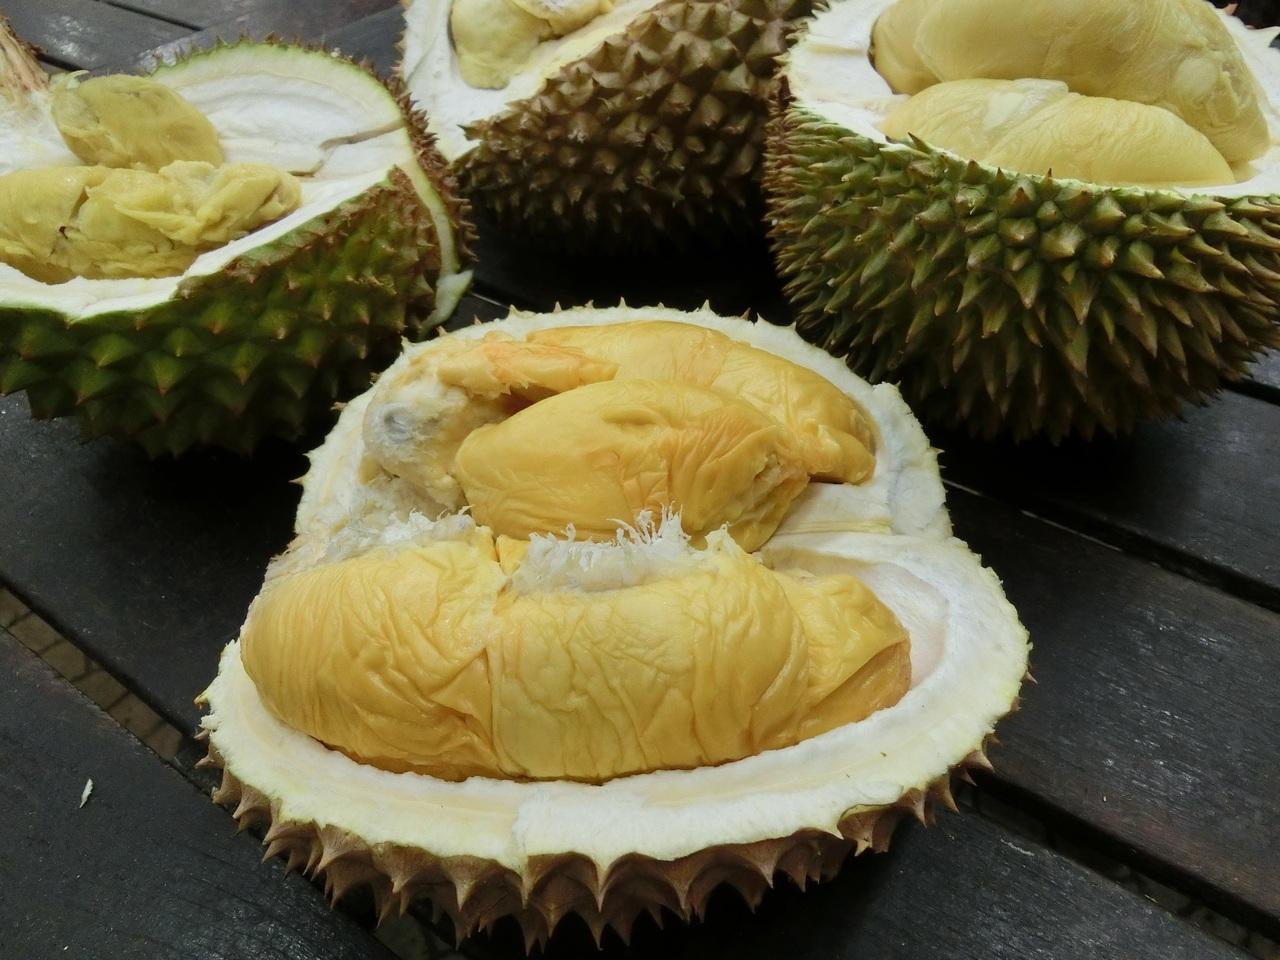 Дуриан - полезные свойства и противопоказания, состав, калорийность. как правильно есть дуриан, рецепты. выращивание в домашних условиях